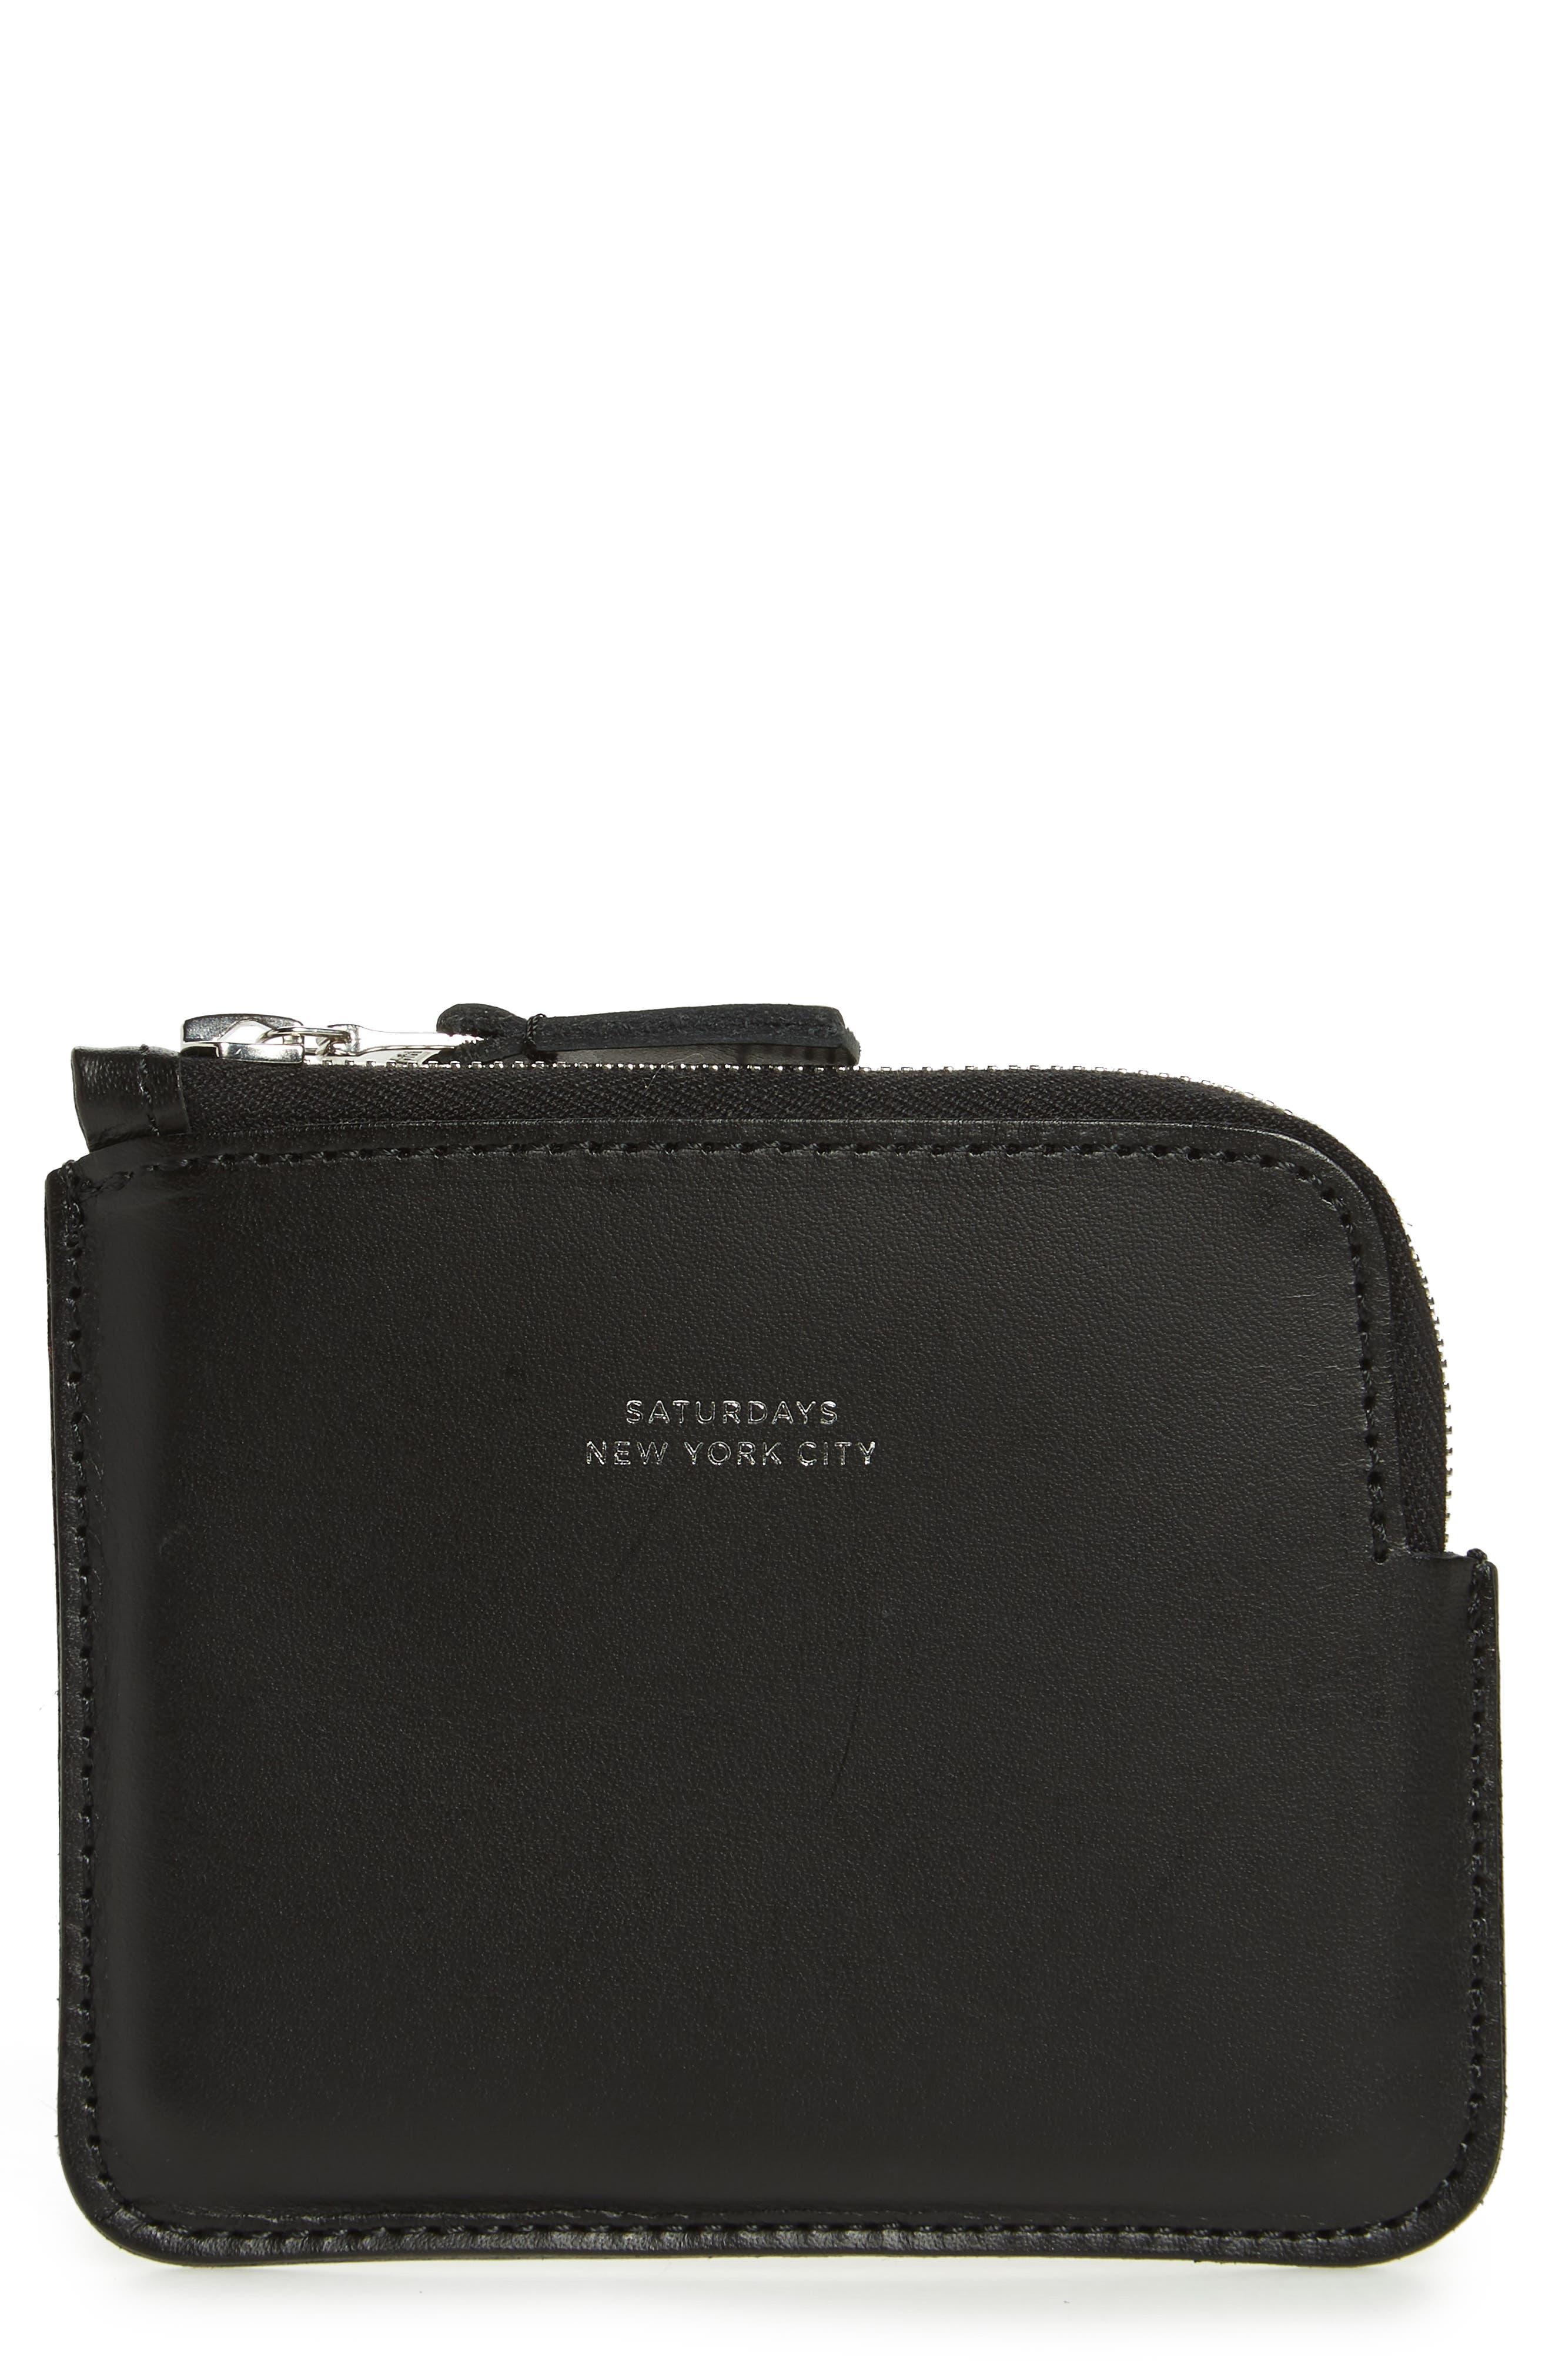 SATURDAYS NYC Leather Half Zip Wallet, Main, color, BLACK